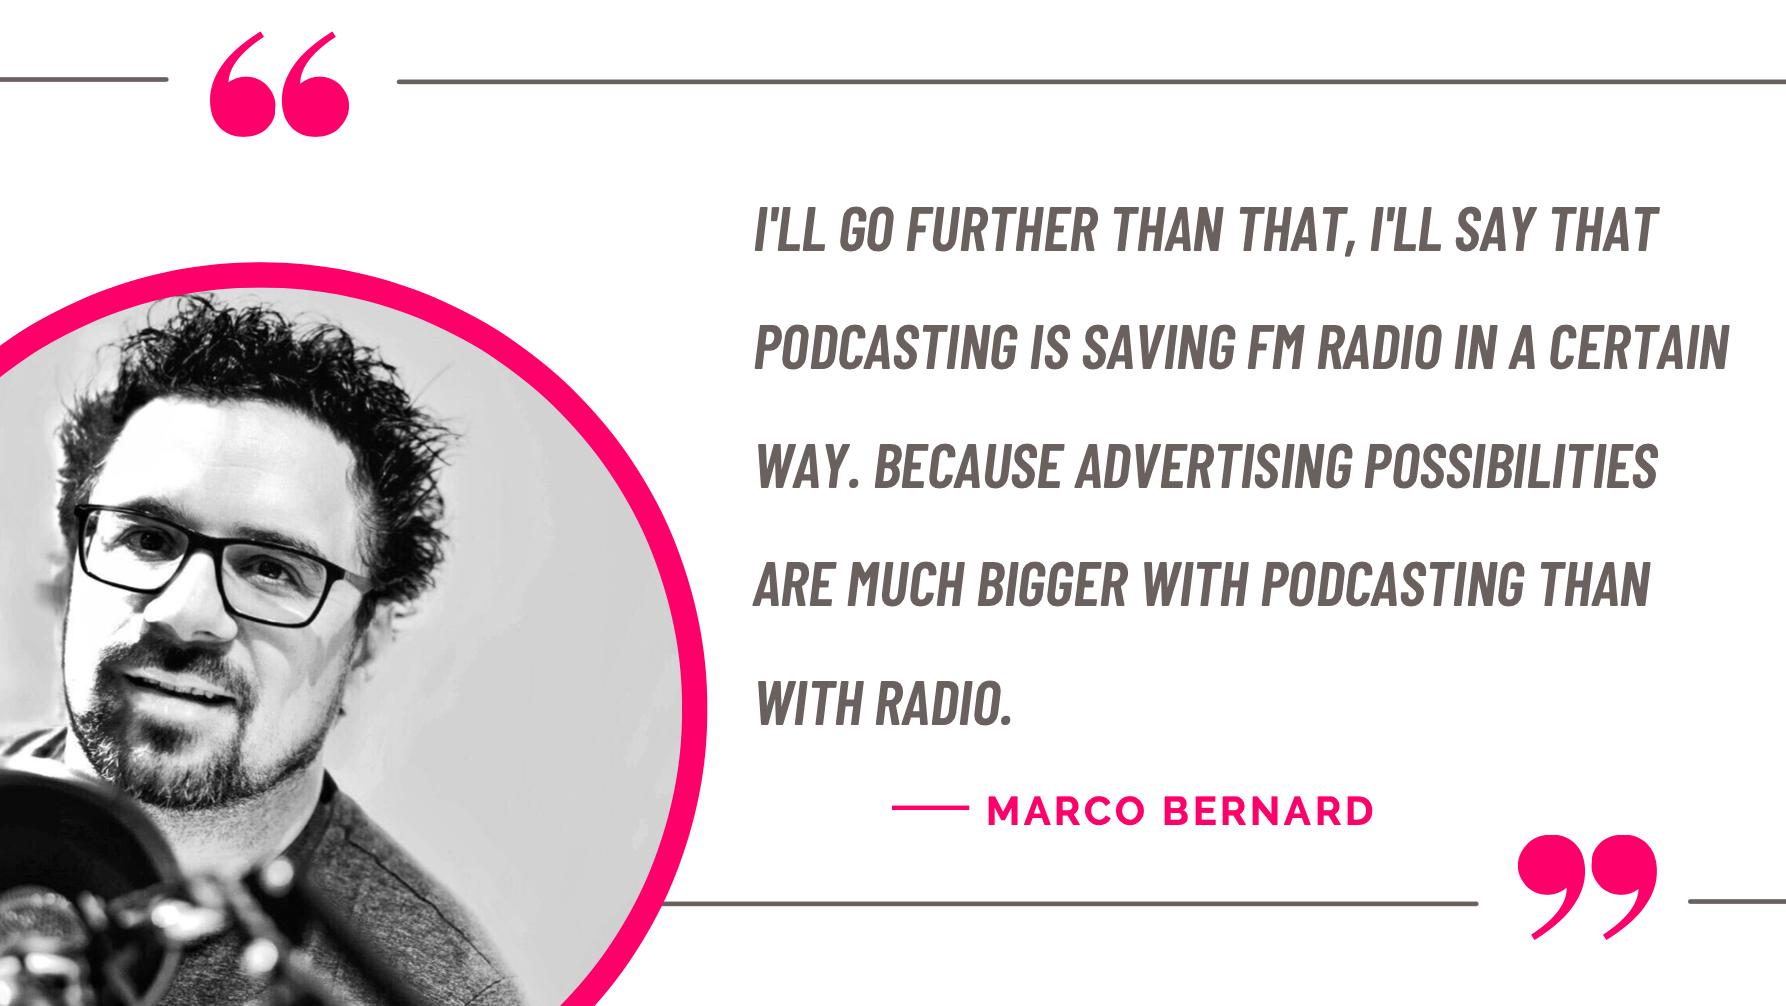 Marco Bernard quote